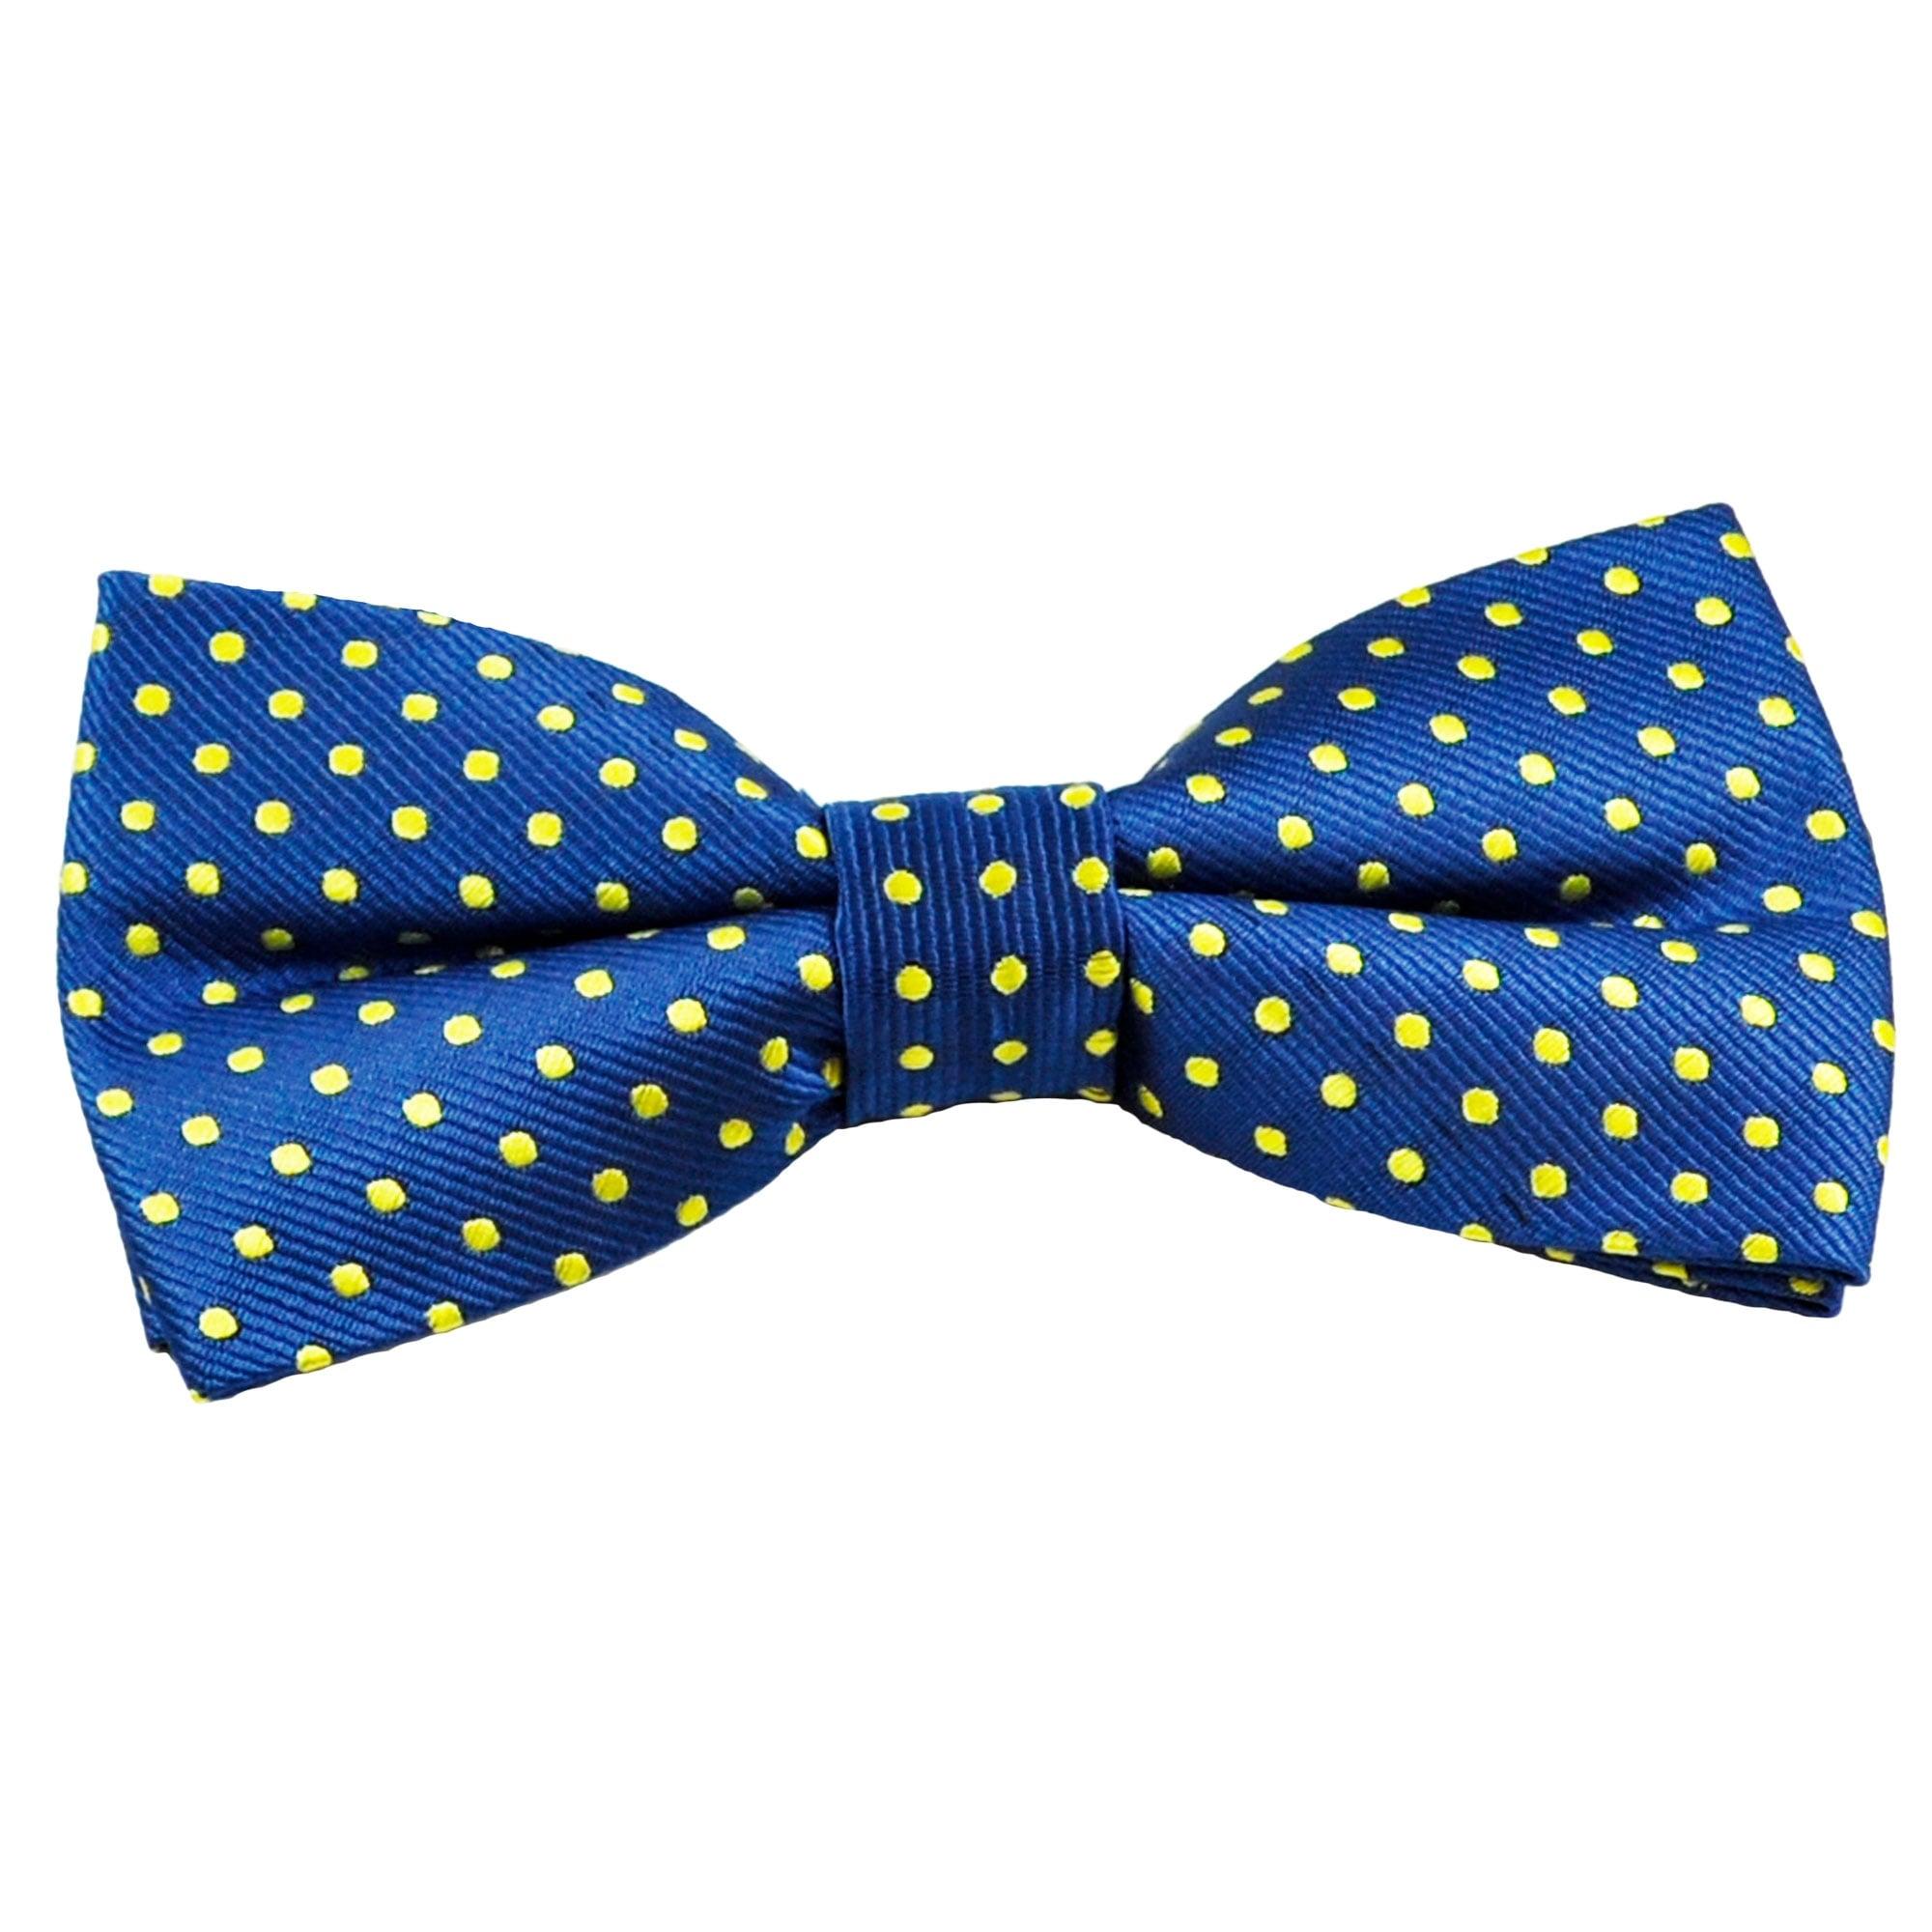 Lilac Bow Tie Lilac Wool Bow Tie Pre-Tied Bow Tie Pastel Tweed Bow Tie